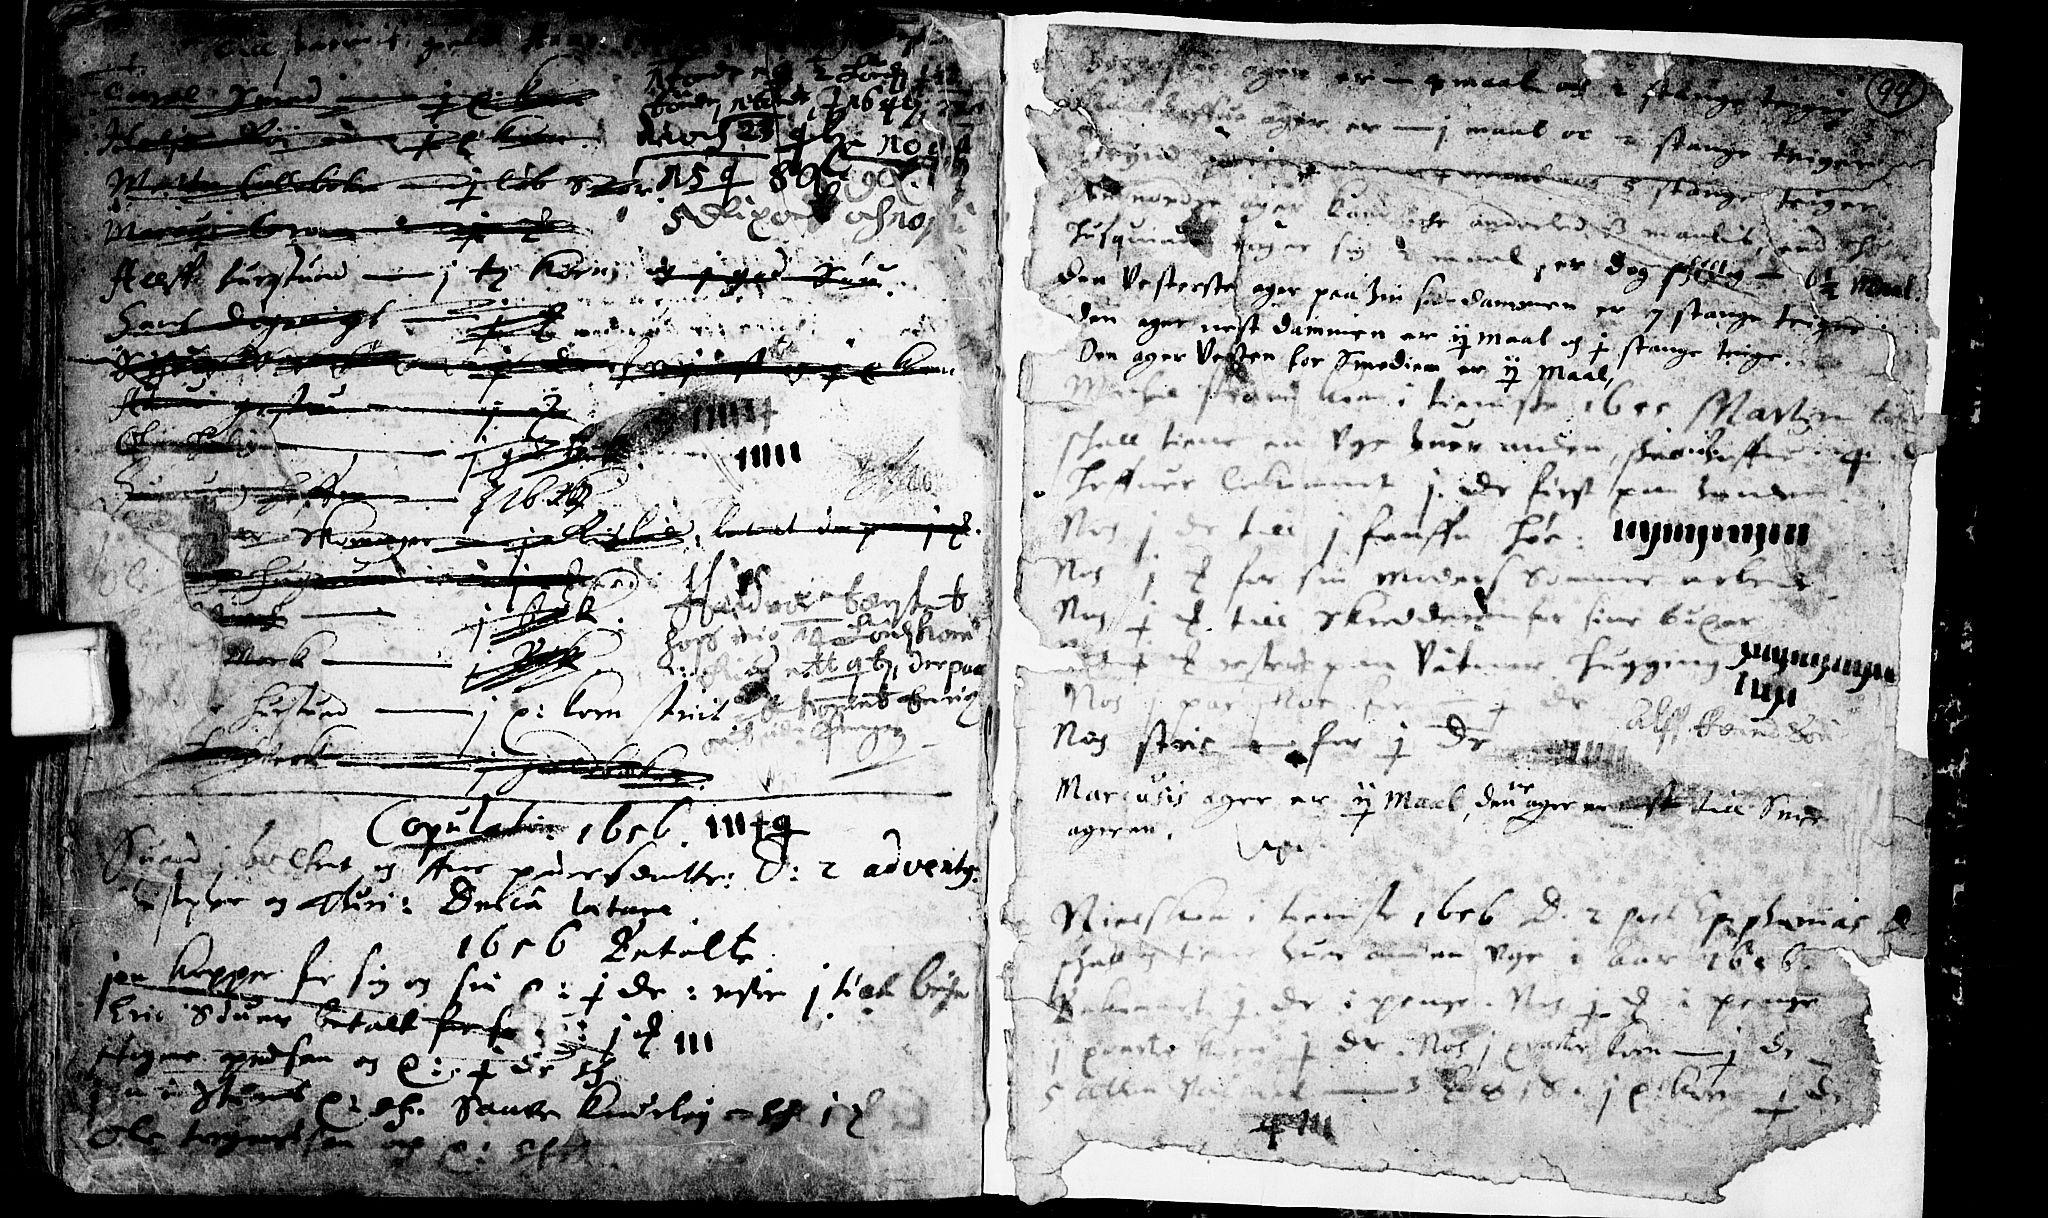 SAKO, Heddal kirkebøker, F/Fa/L0001: Ministerialbok nr. I 1, 1648-1699, s. 94